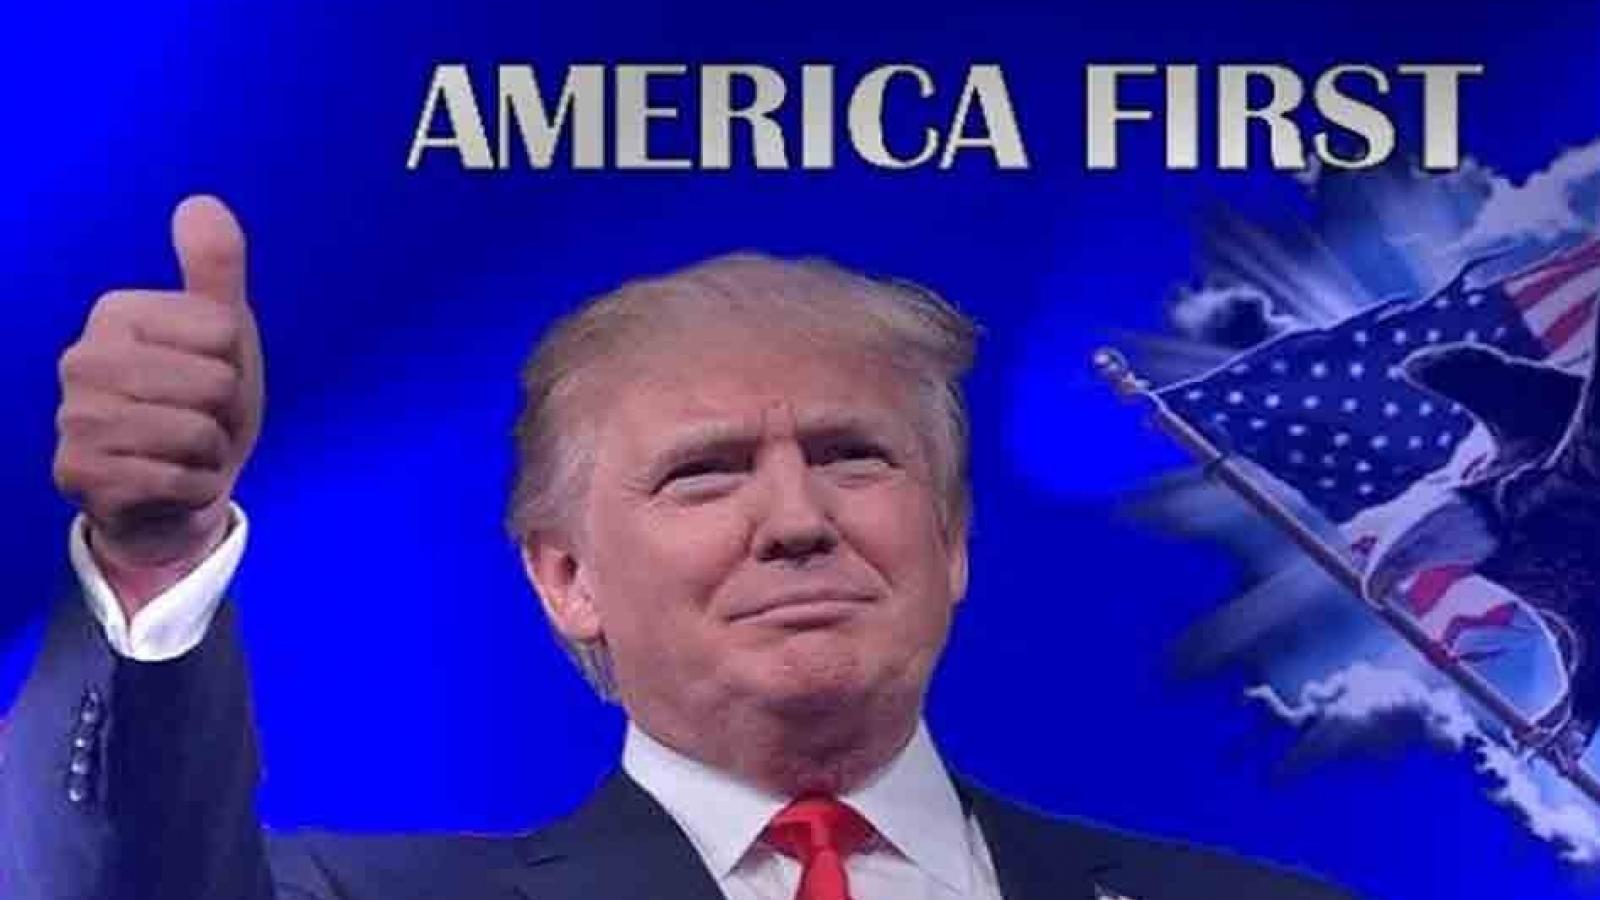 """Để cạnh tranh được với Trung Quốc, Mỹ cần từ bỏ chính sách """"Nước Mỹ trước tiên""""?"""